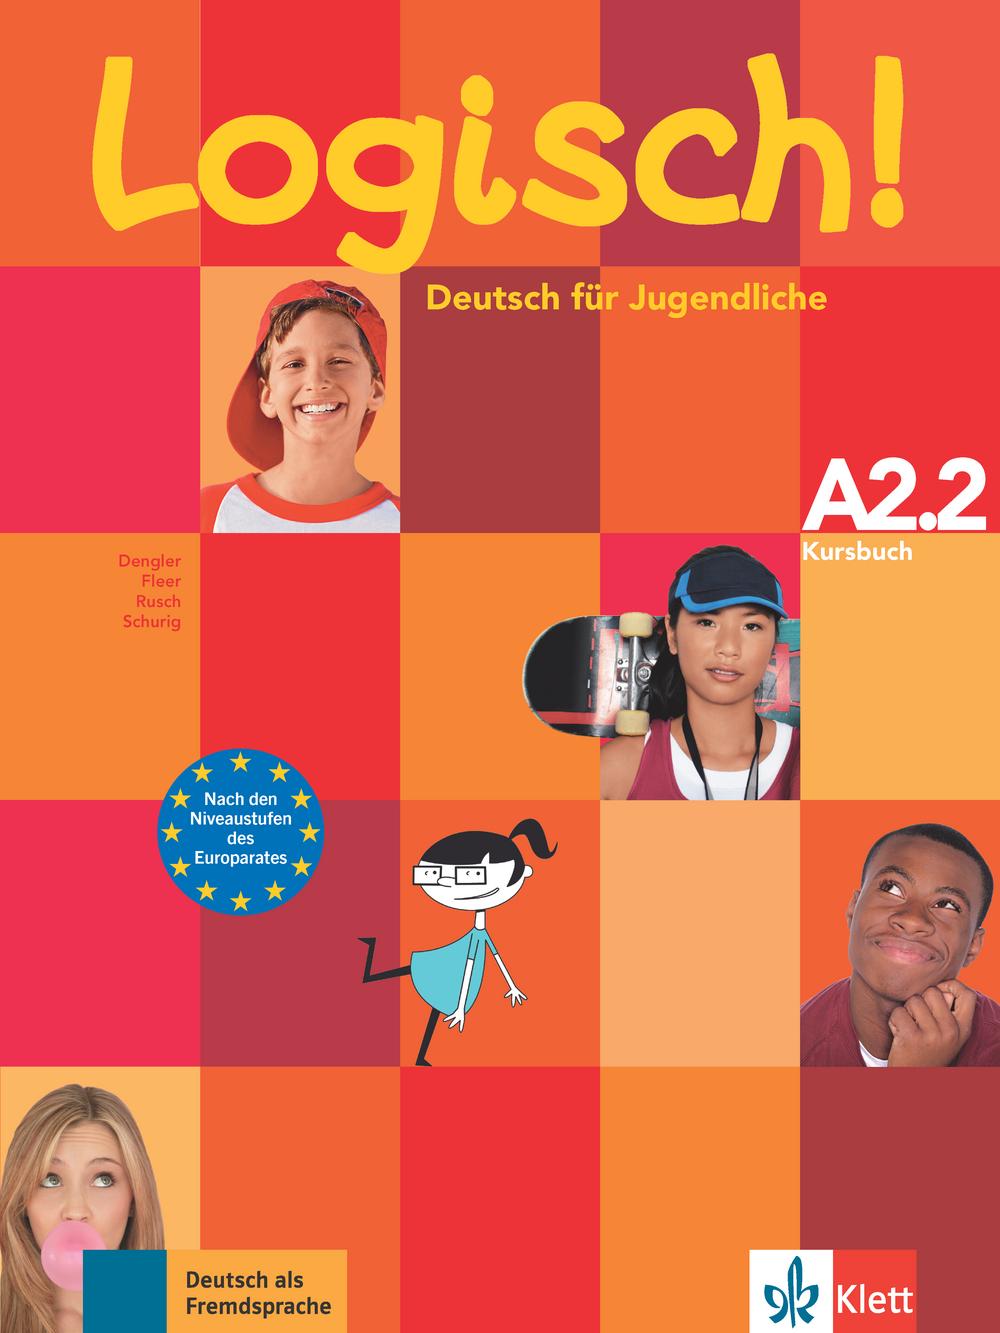 Logisch! A2.2